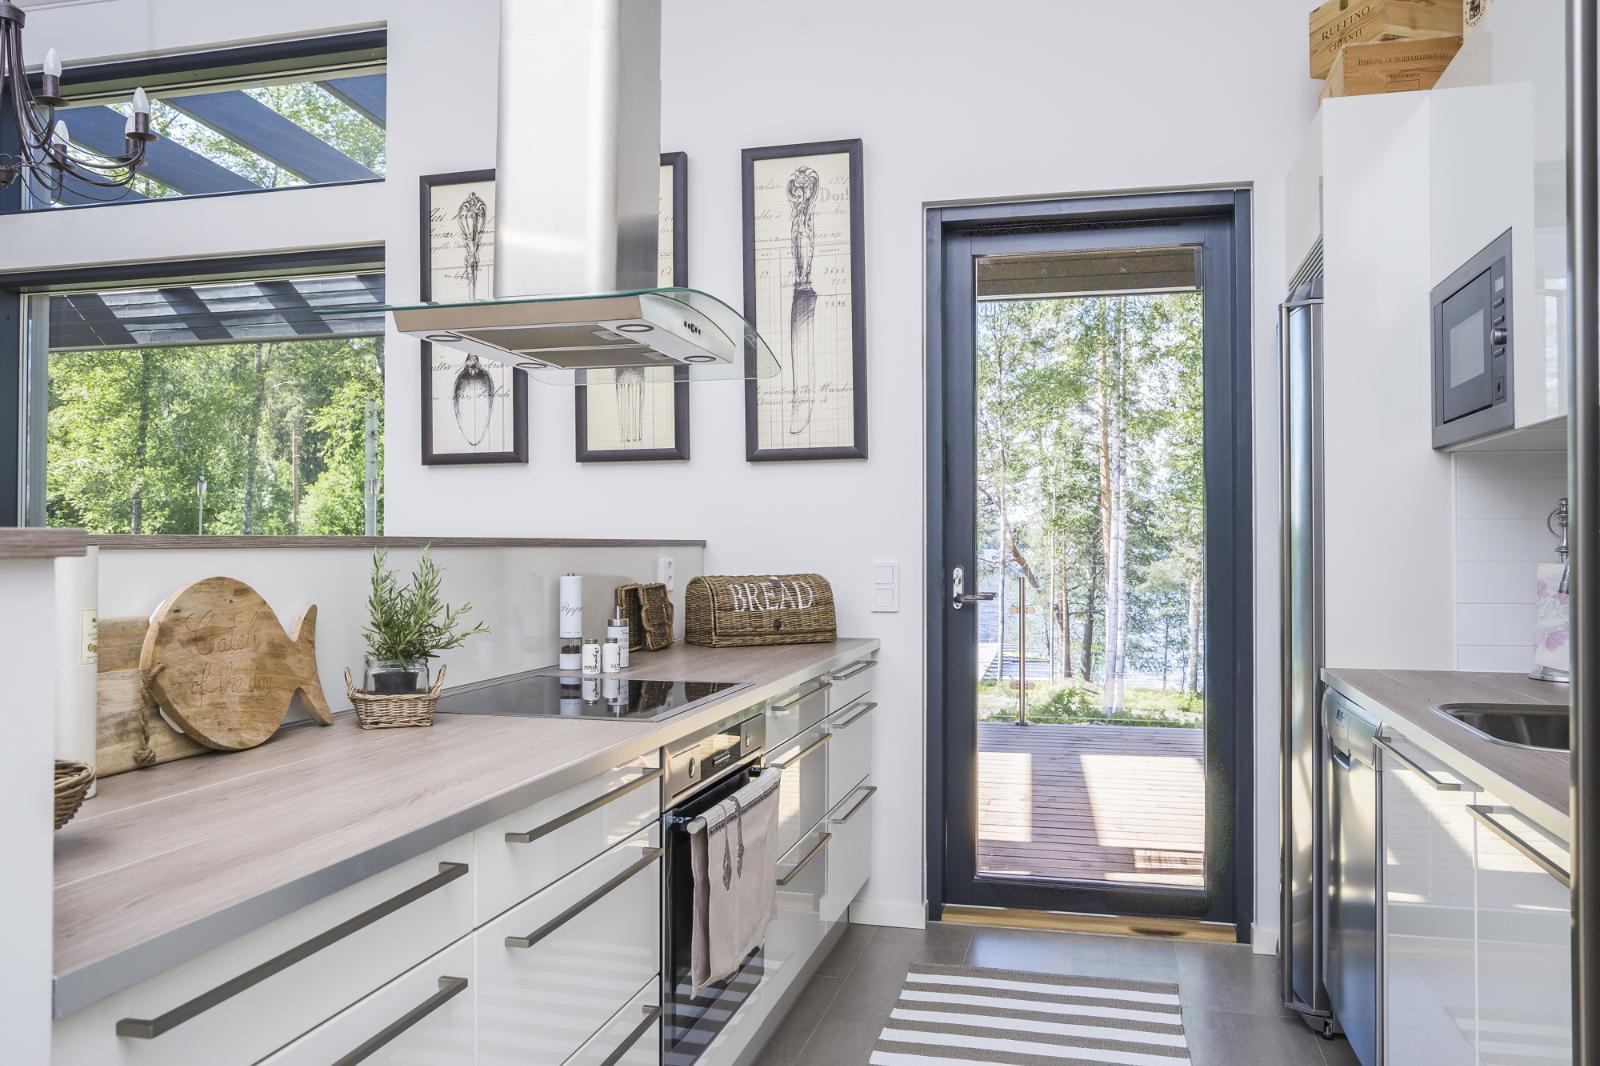 Moderni keittiö maalaisromanttisin maustein  Etuovi com Ideat & vinkit